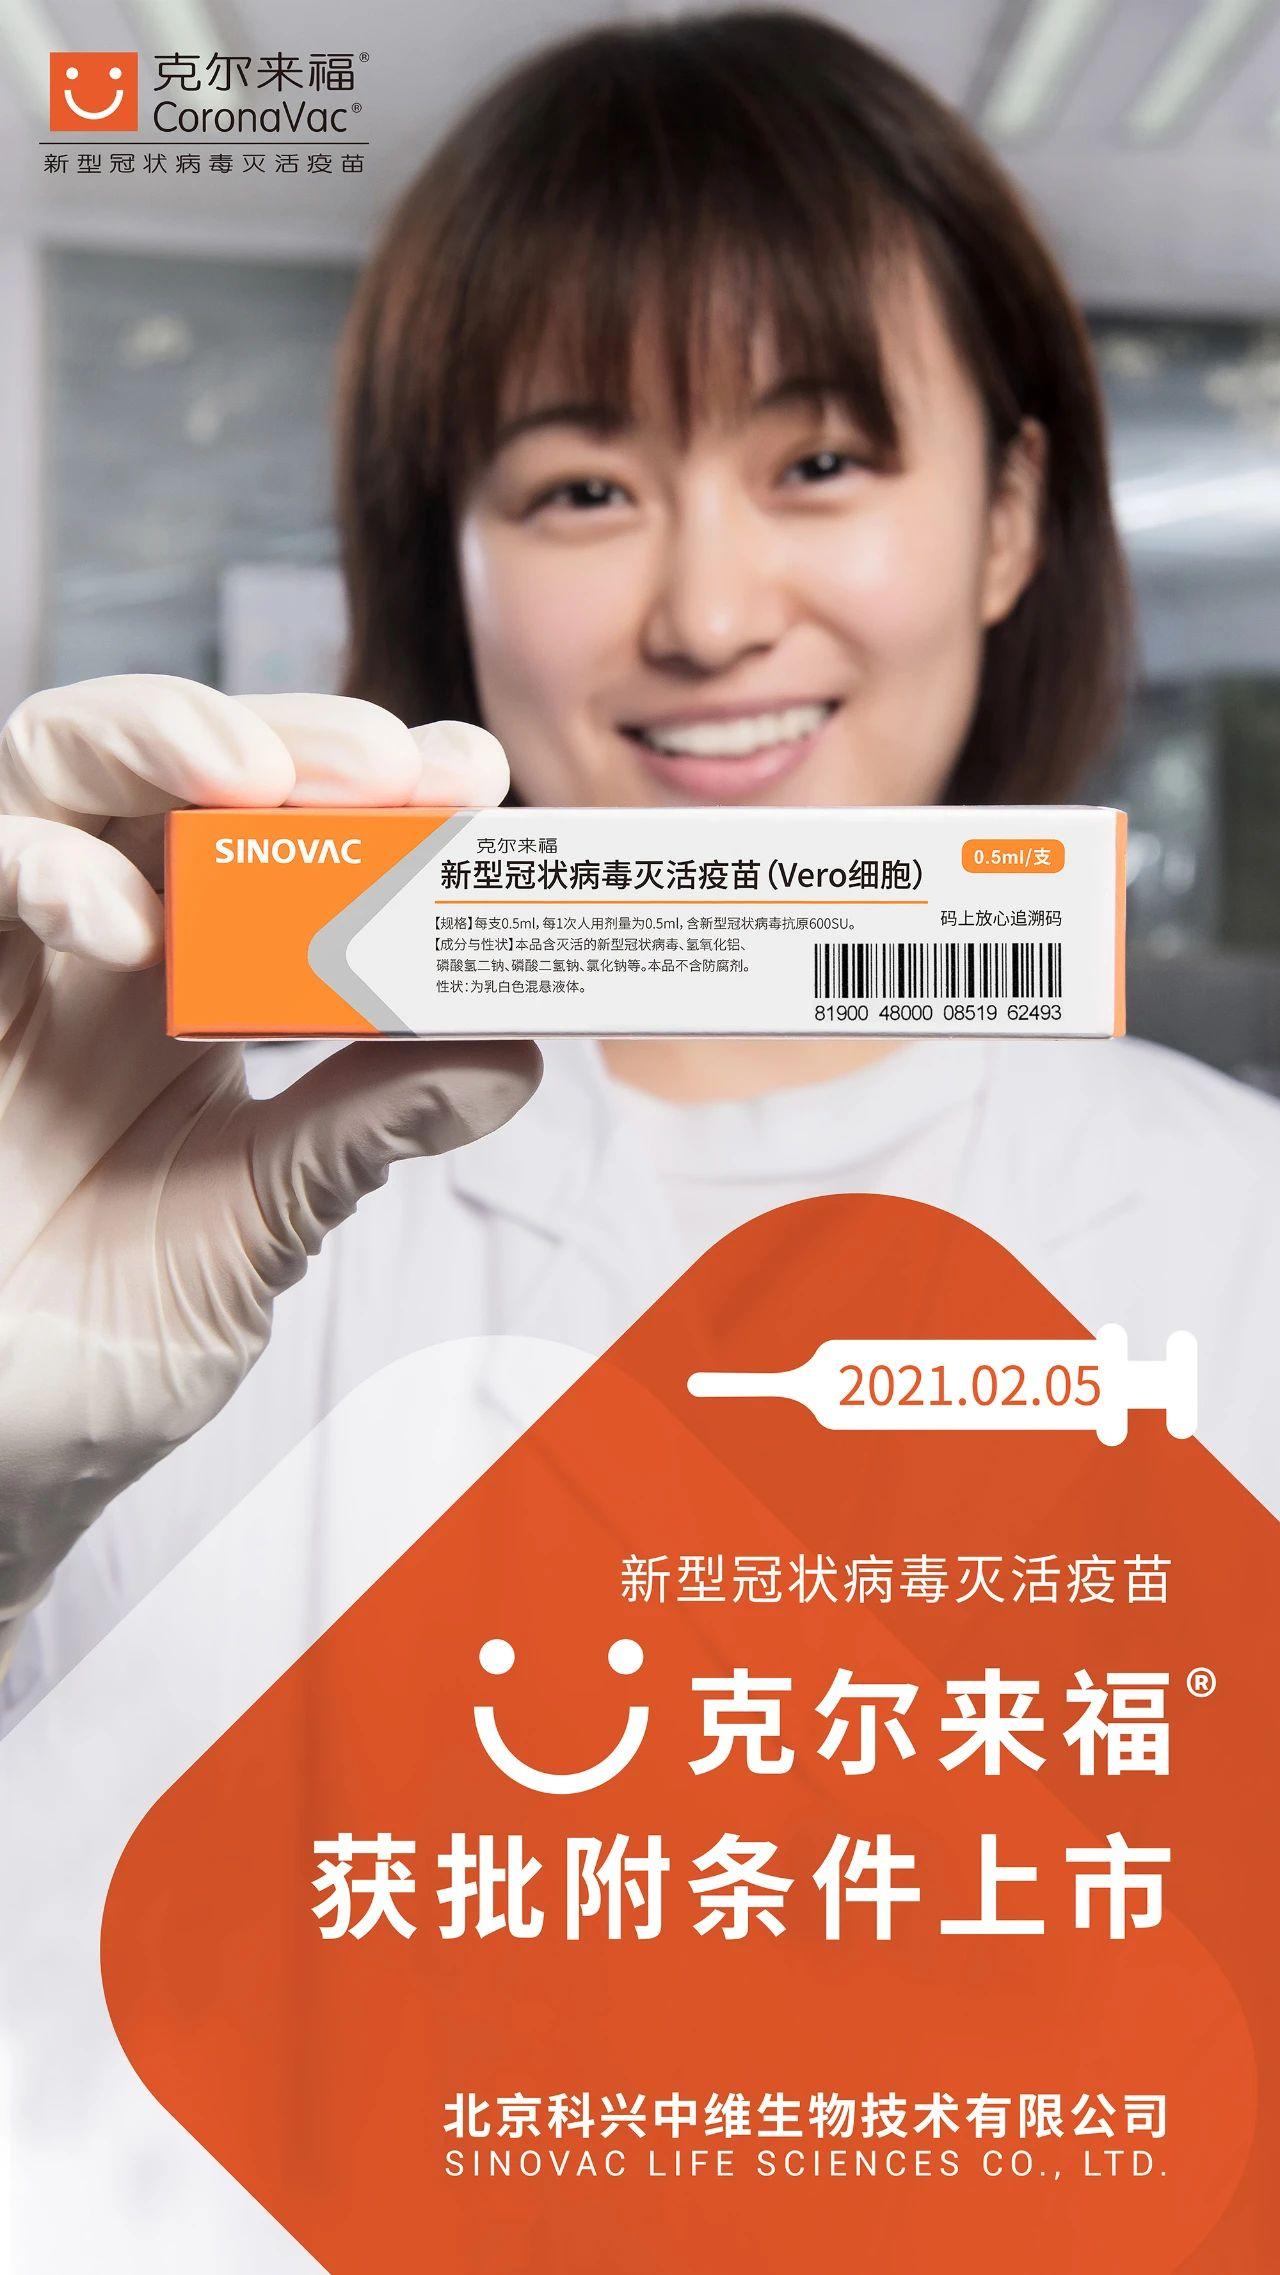 又一種國產新冠疫苗獲批附條件上市!